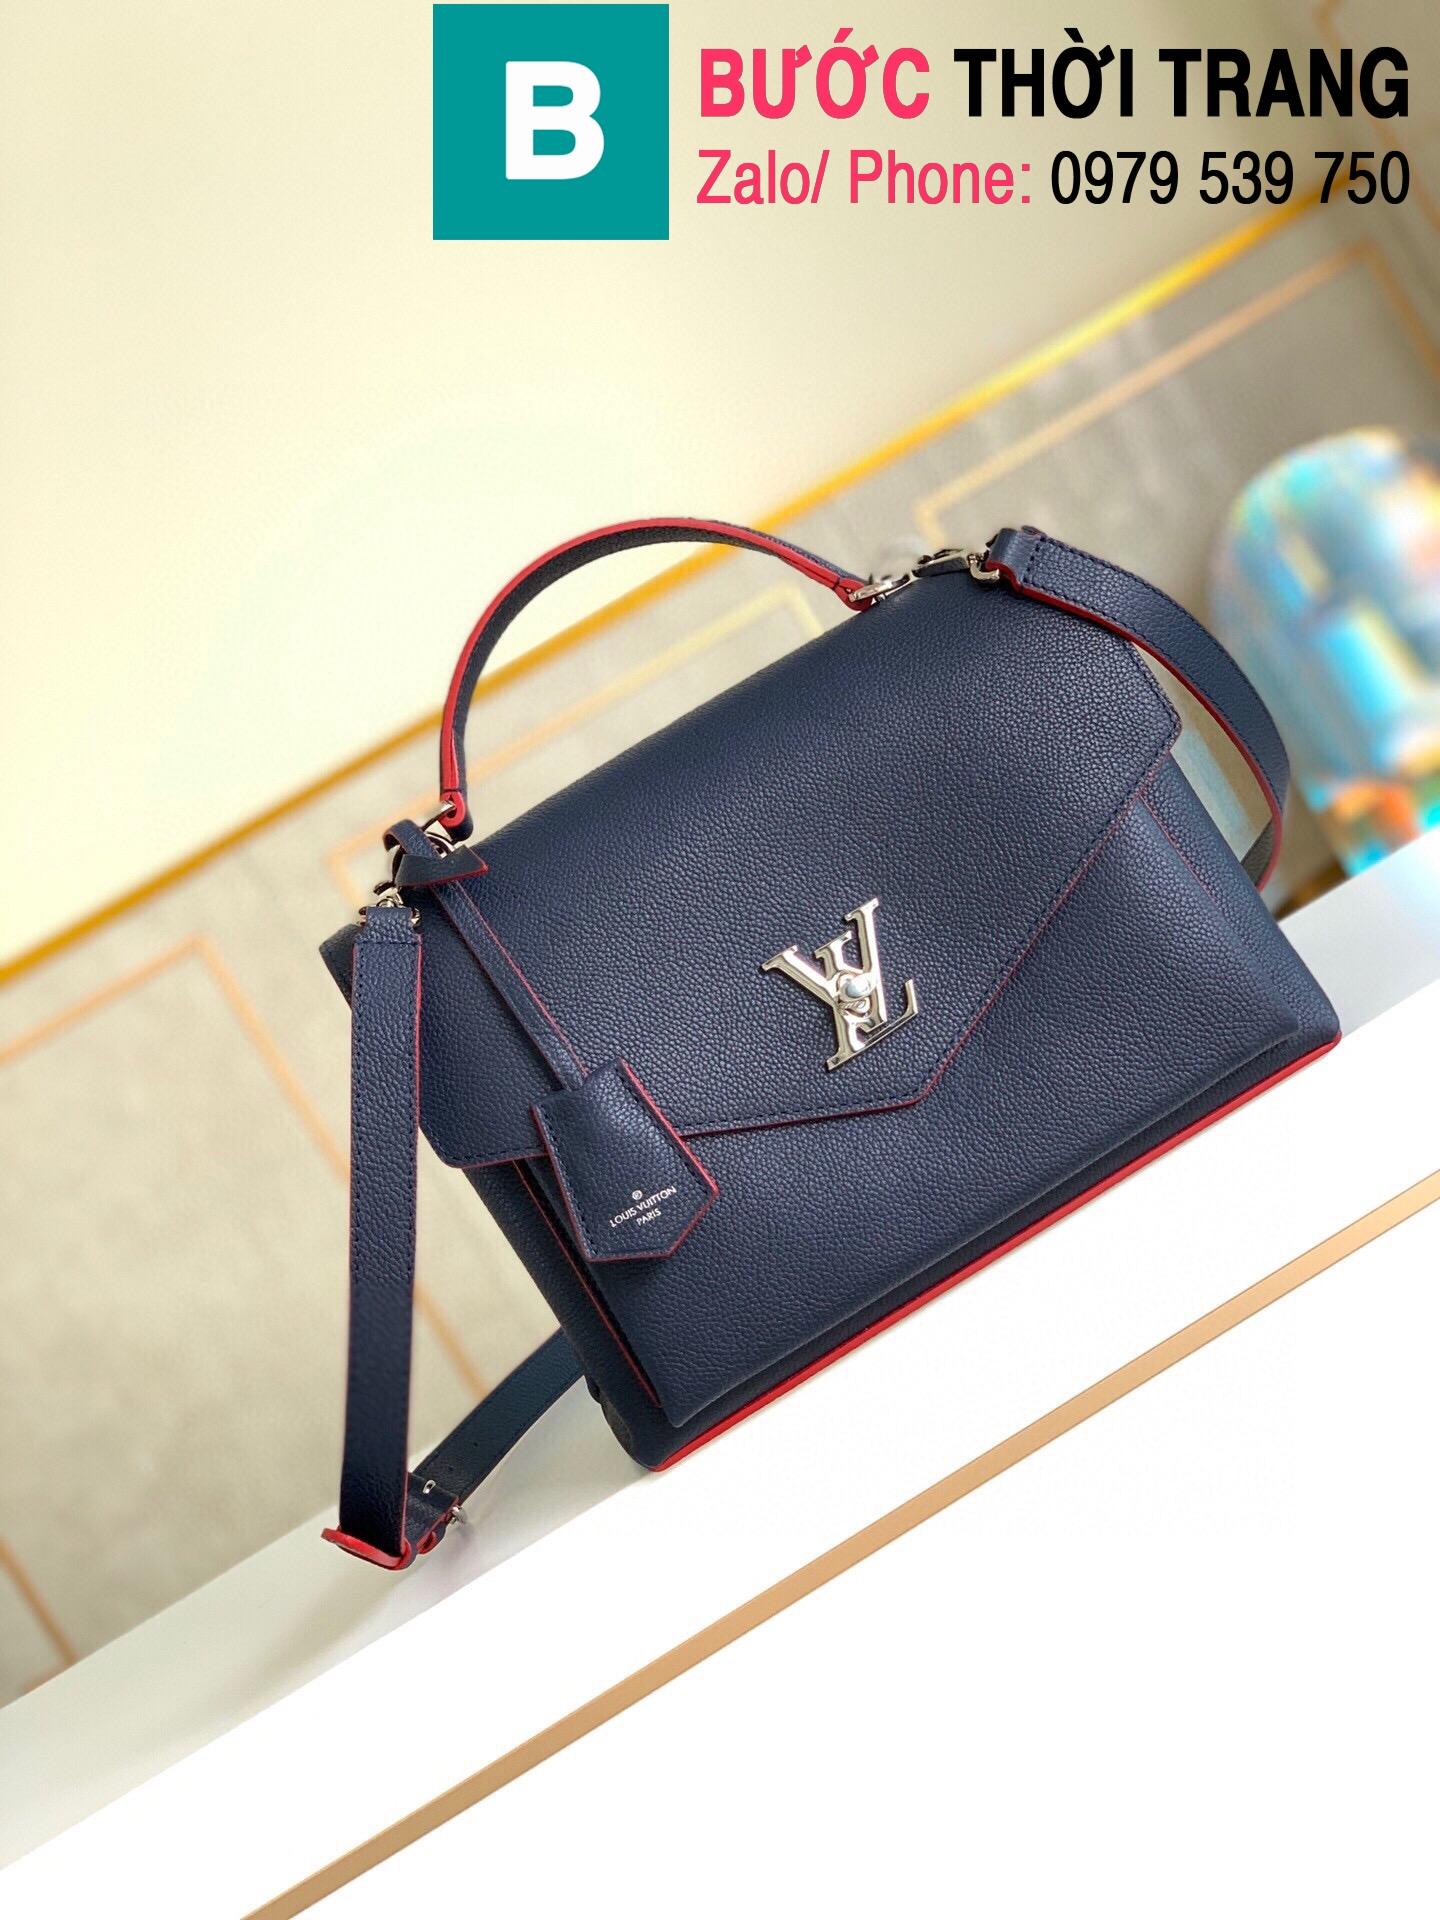 Túi xách Louis Vuitton Mylockme (10)